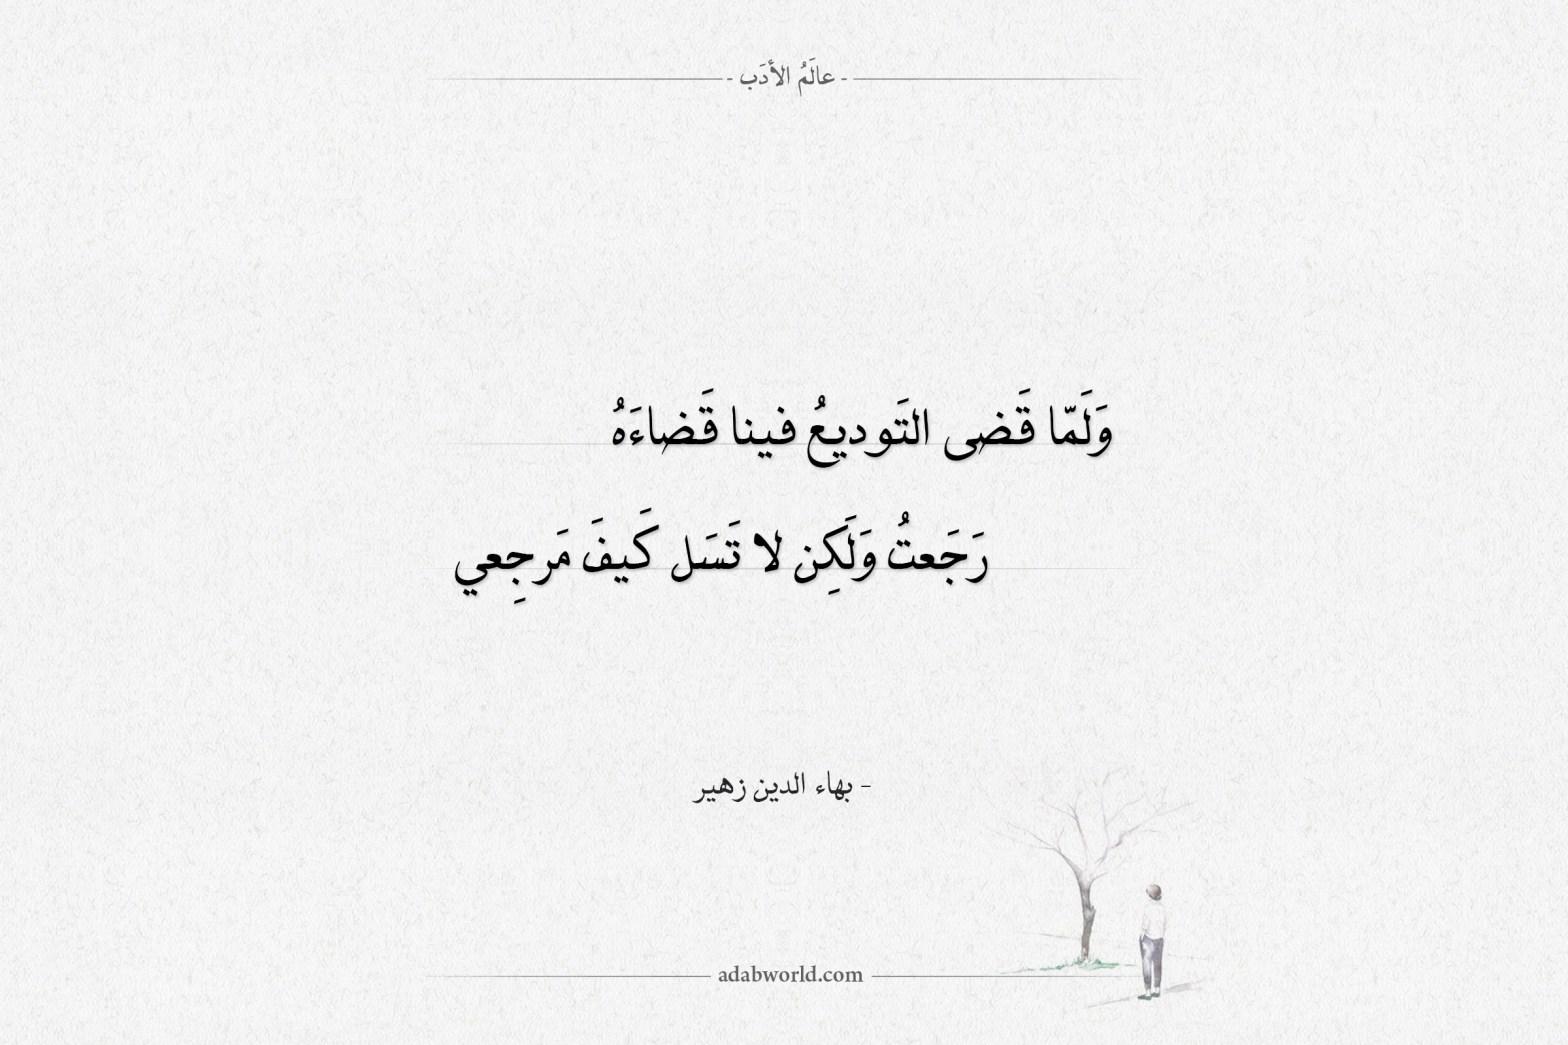 شعر بهاء الدين زهير لا تسل كيف مرجعي